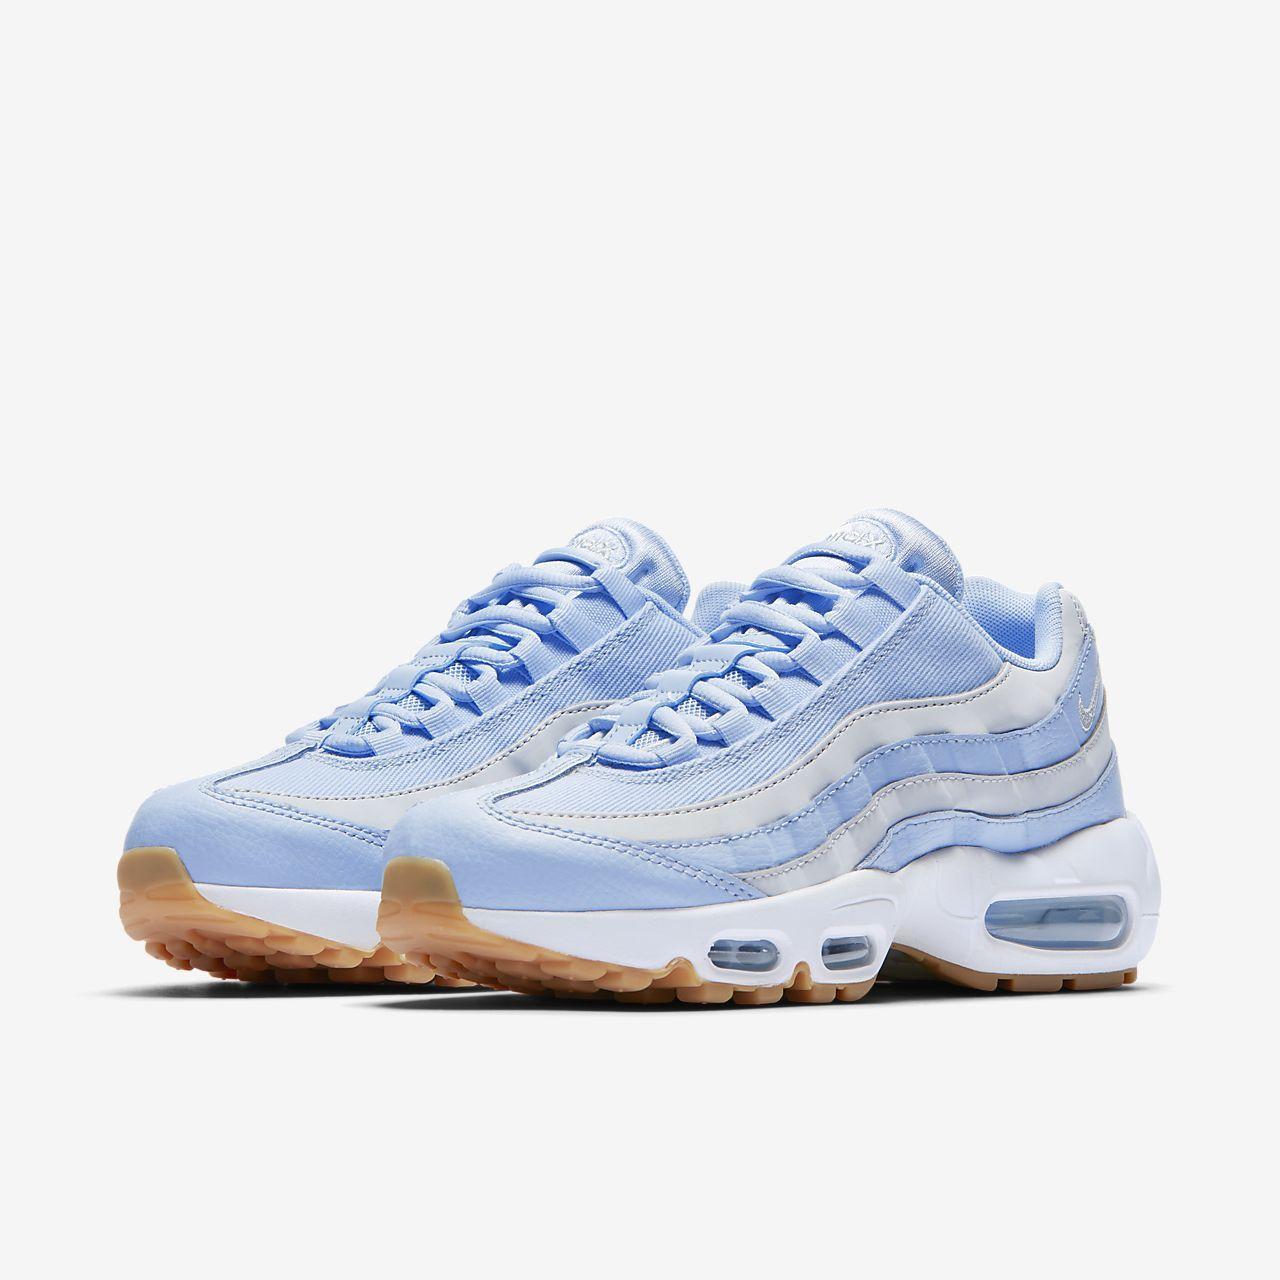 uważaj na dostępność w Wielkiej Brytanii nowe style Air Max 95 Women's Shoe   Shoes   Nike air max, Air max 95 ...